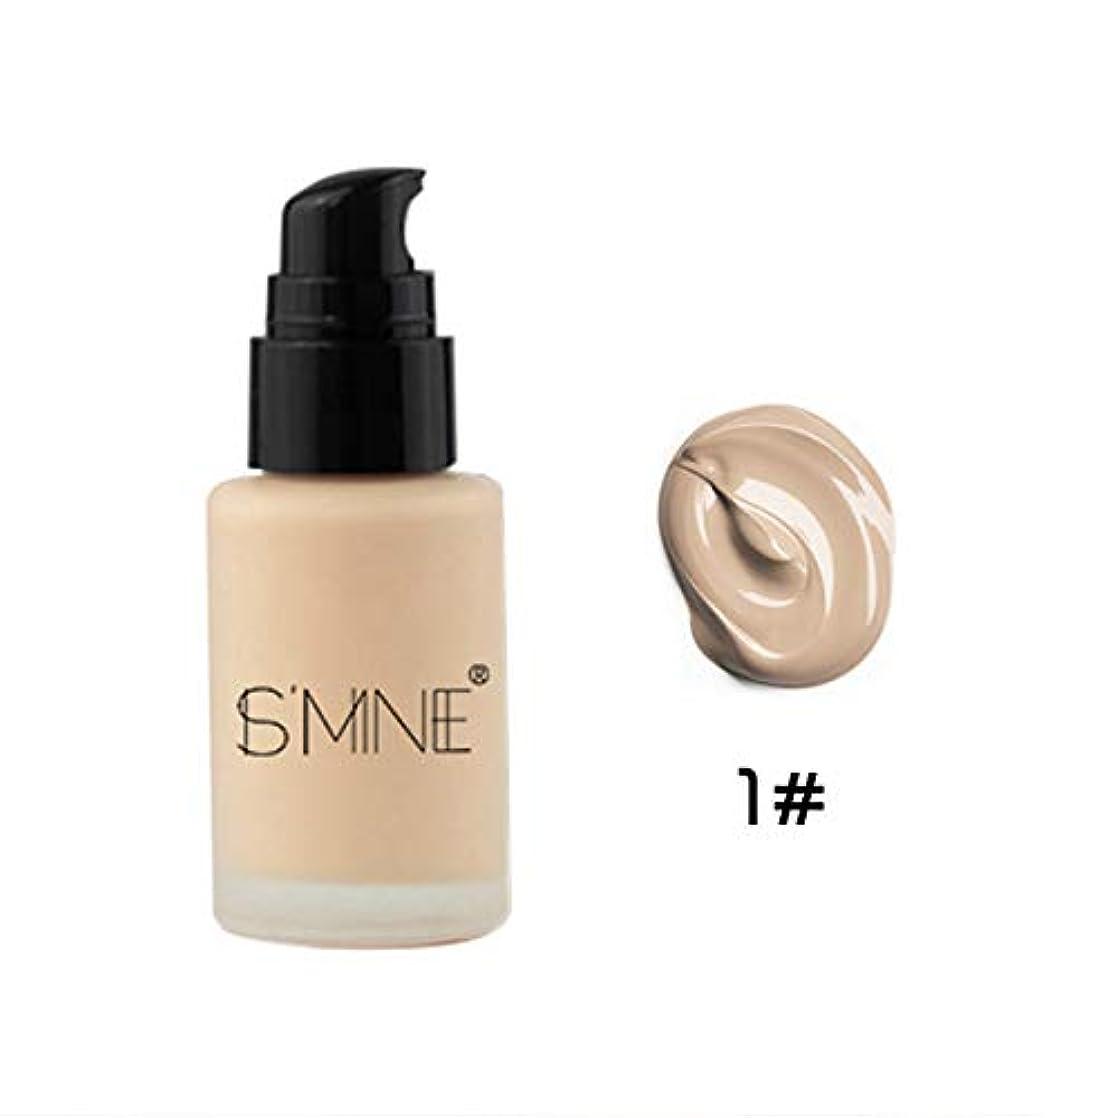 効果補体関与するSymboat BBクリーム 女性 フェイスコンシーラー 美白 保湿 防水 ロングラスティングメイクアップ 健康的な自然な肌色 素肌感 化粧品